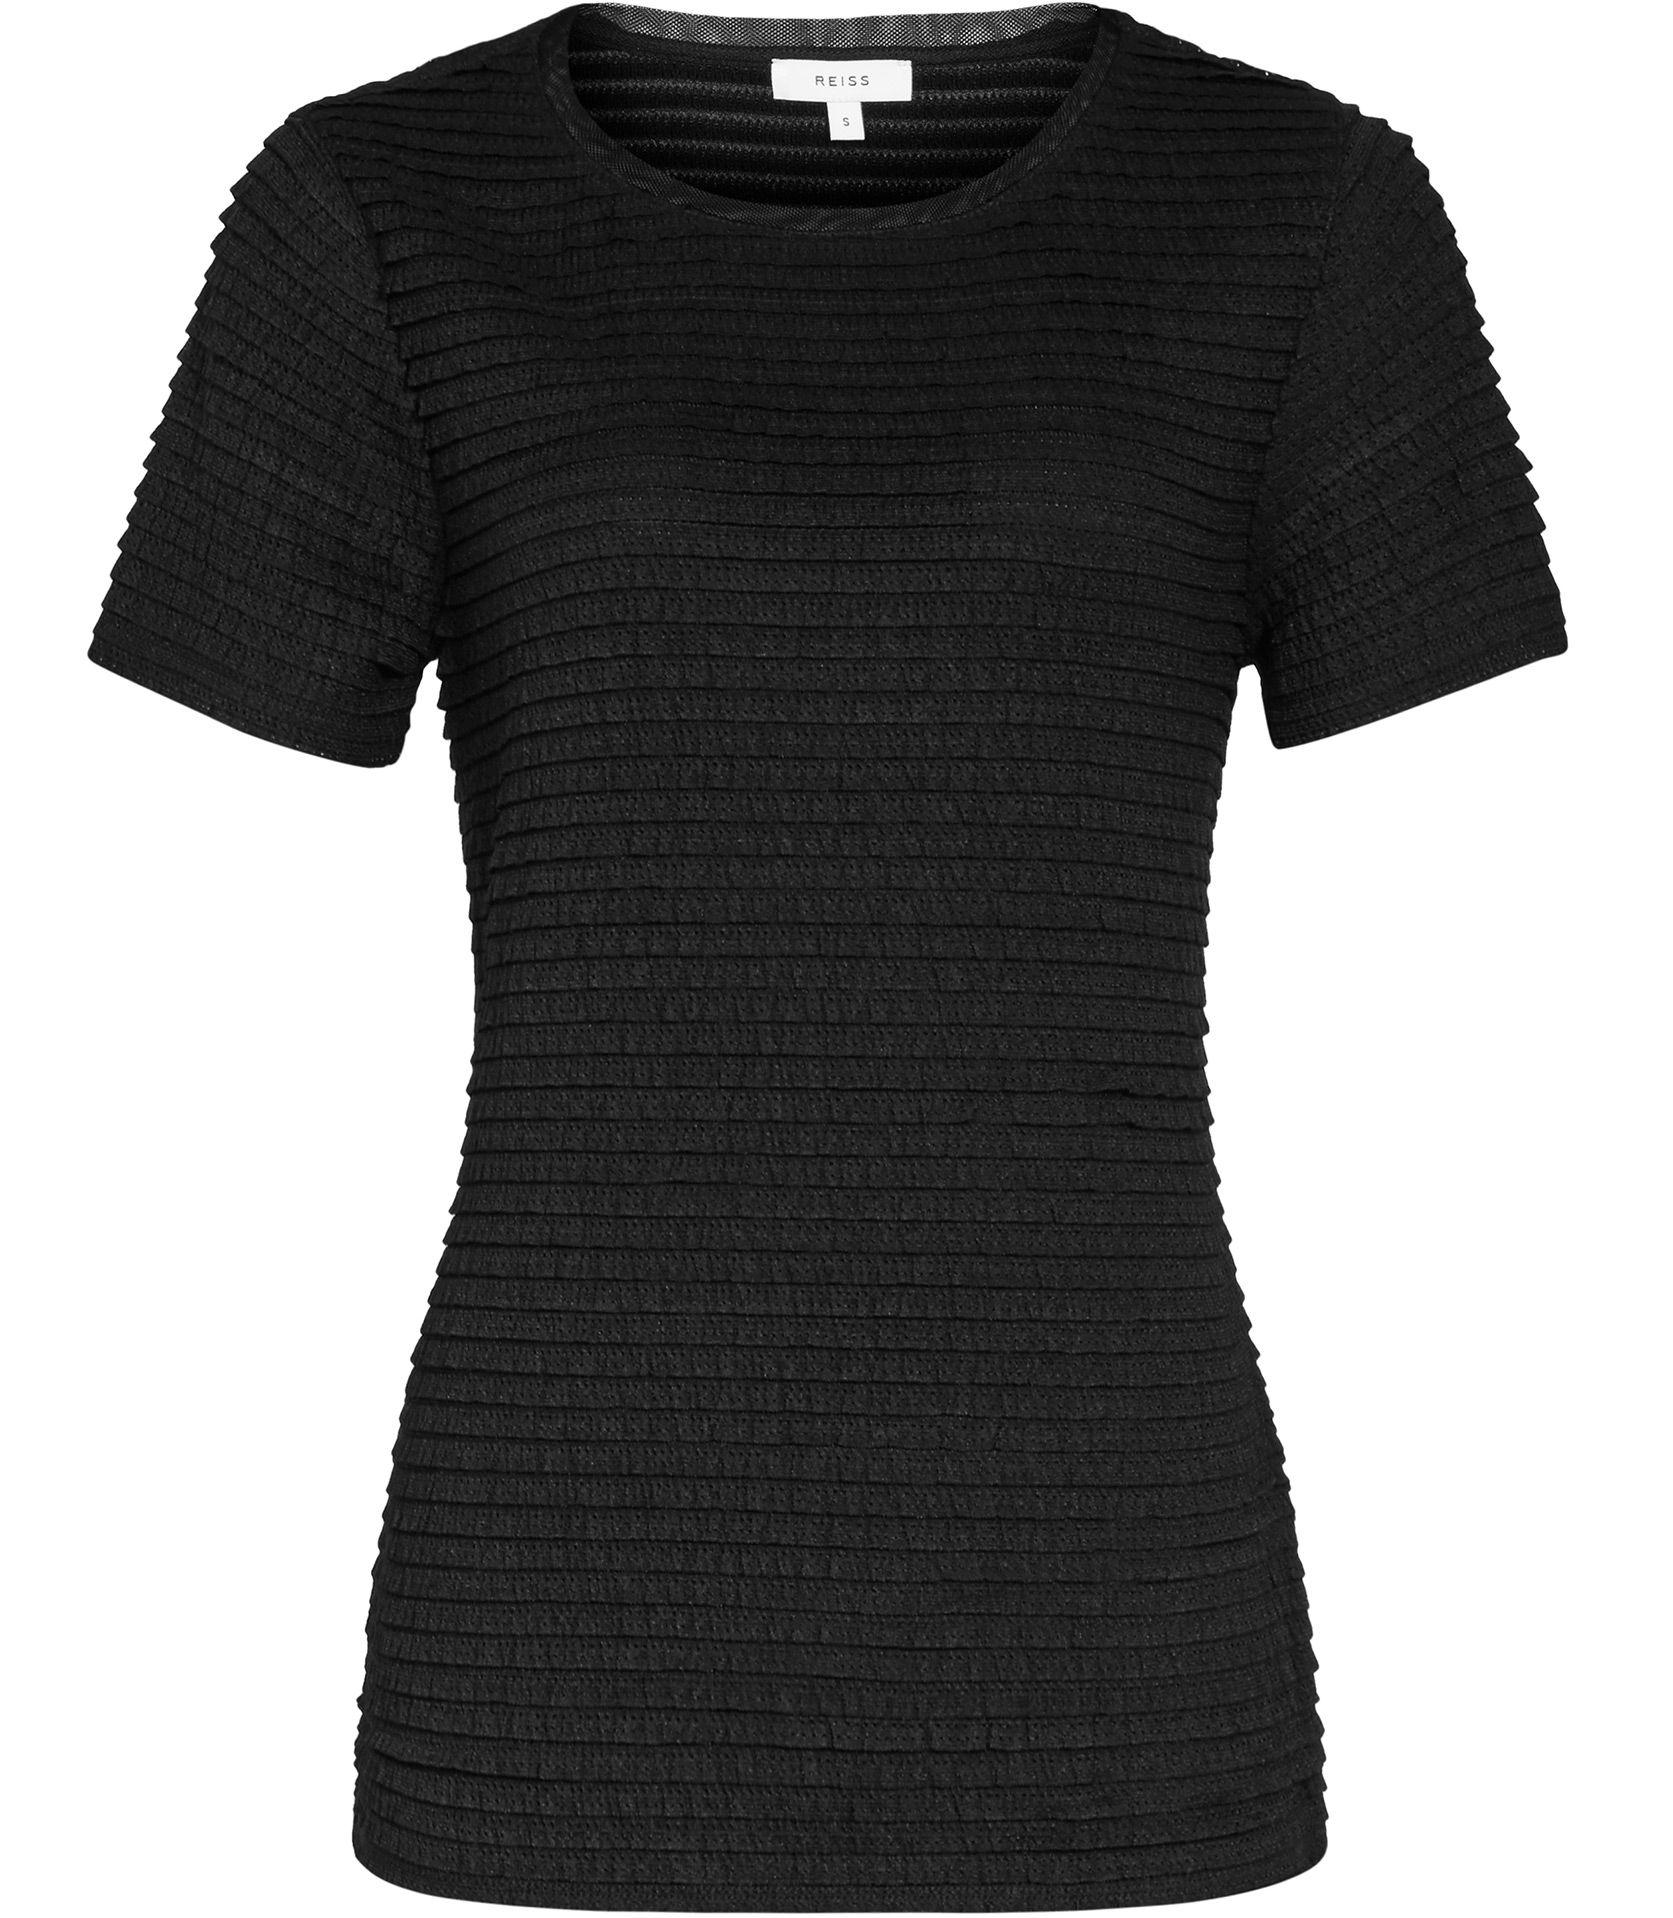 Black t shirt reiss - Womens Black Textured T Shirt Reiss Rewe